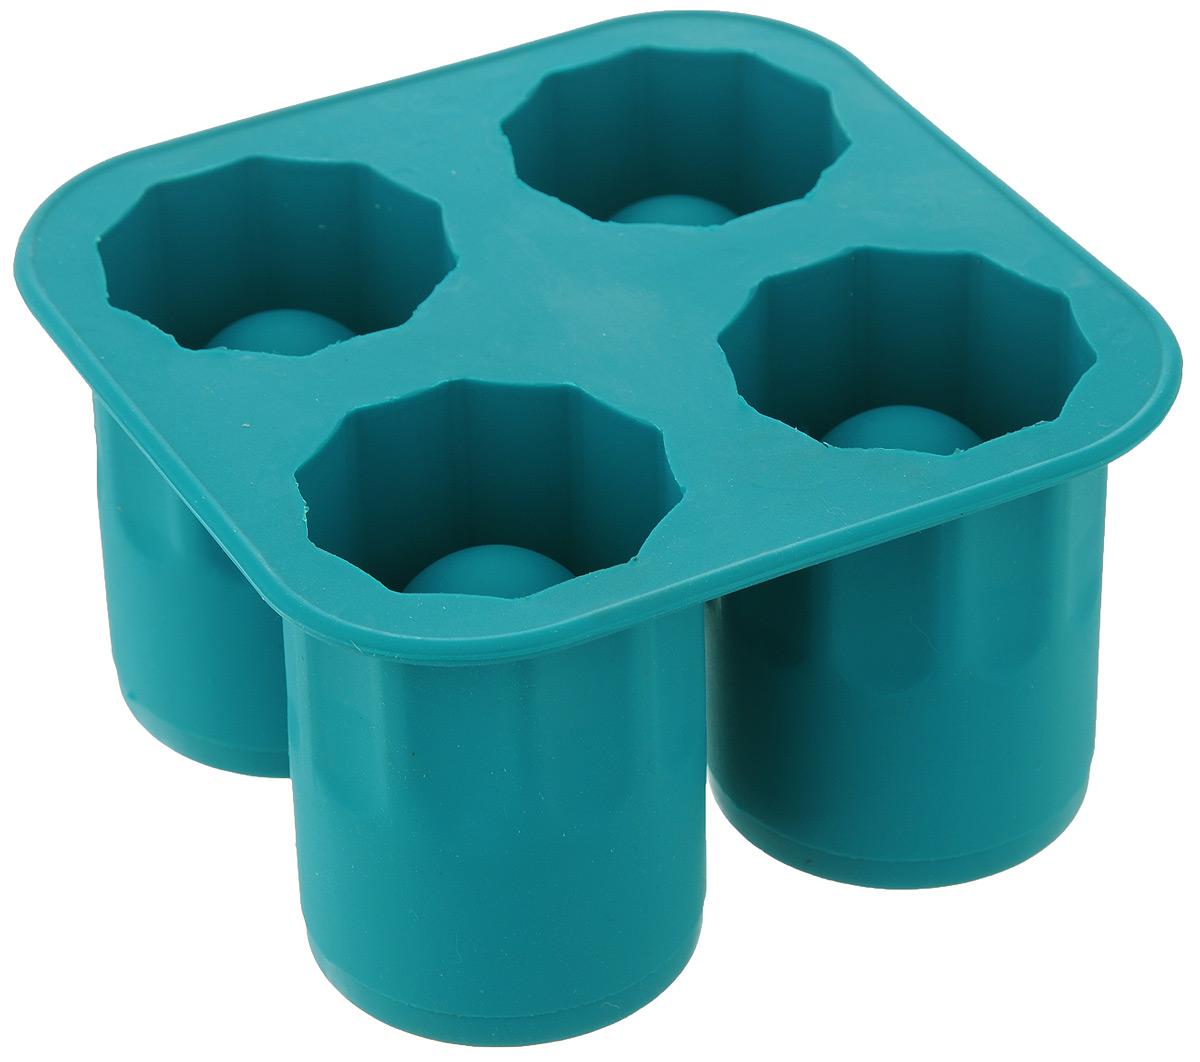 Форма для ледяных стопок Elan Gallery, 4 ячейки, цвет: бирюзовый, 13 х 13 х 7 см590189Форма для ледяных стопок Elan Gallery изготовлена из высококачественного пищевого силикона, который выдерживает температуру от -40 до +240°С и не впитывает жир и запахи. Форма имеет 4 ячейки для приготовления стопок изо льда. Просто наполните форму водой или соком и поставьте в морозильную камеру до полного замерзания. Готовые изделия легко доставать, благодаря гибкости силикона. Стопки можно использовать для украшения, а если в них налить напиток, он моментально охладится. Ледяные стопки станут оригинальным украшением любого праздничного стола. Диаметр готовой стопки: 5 см. Высота готовой стопки: 7 см. Размер формы: 13 х 13 х 7 см.